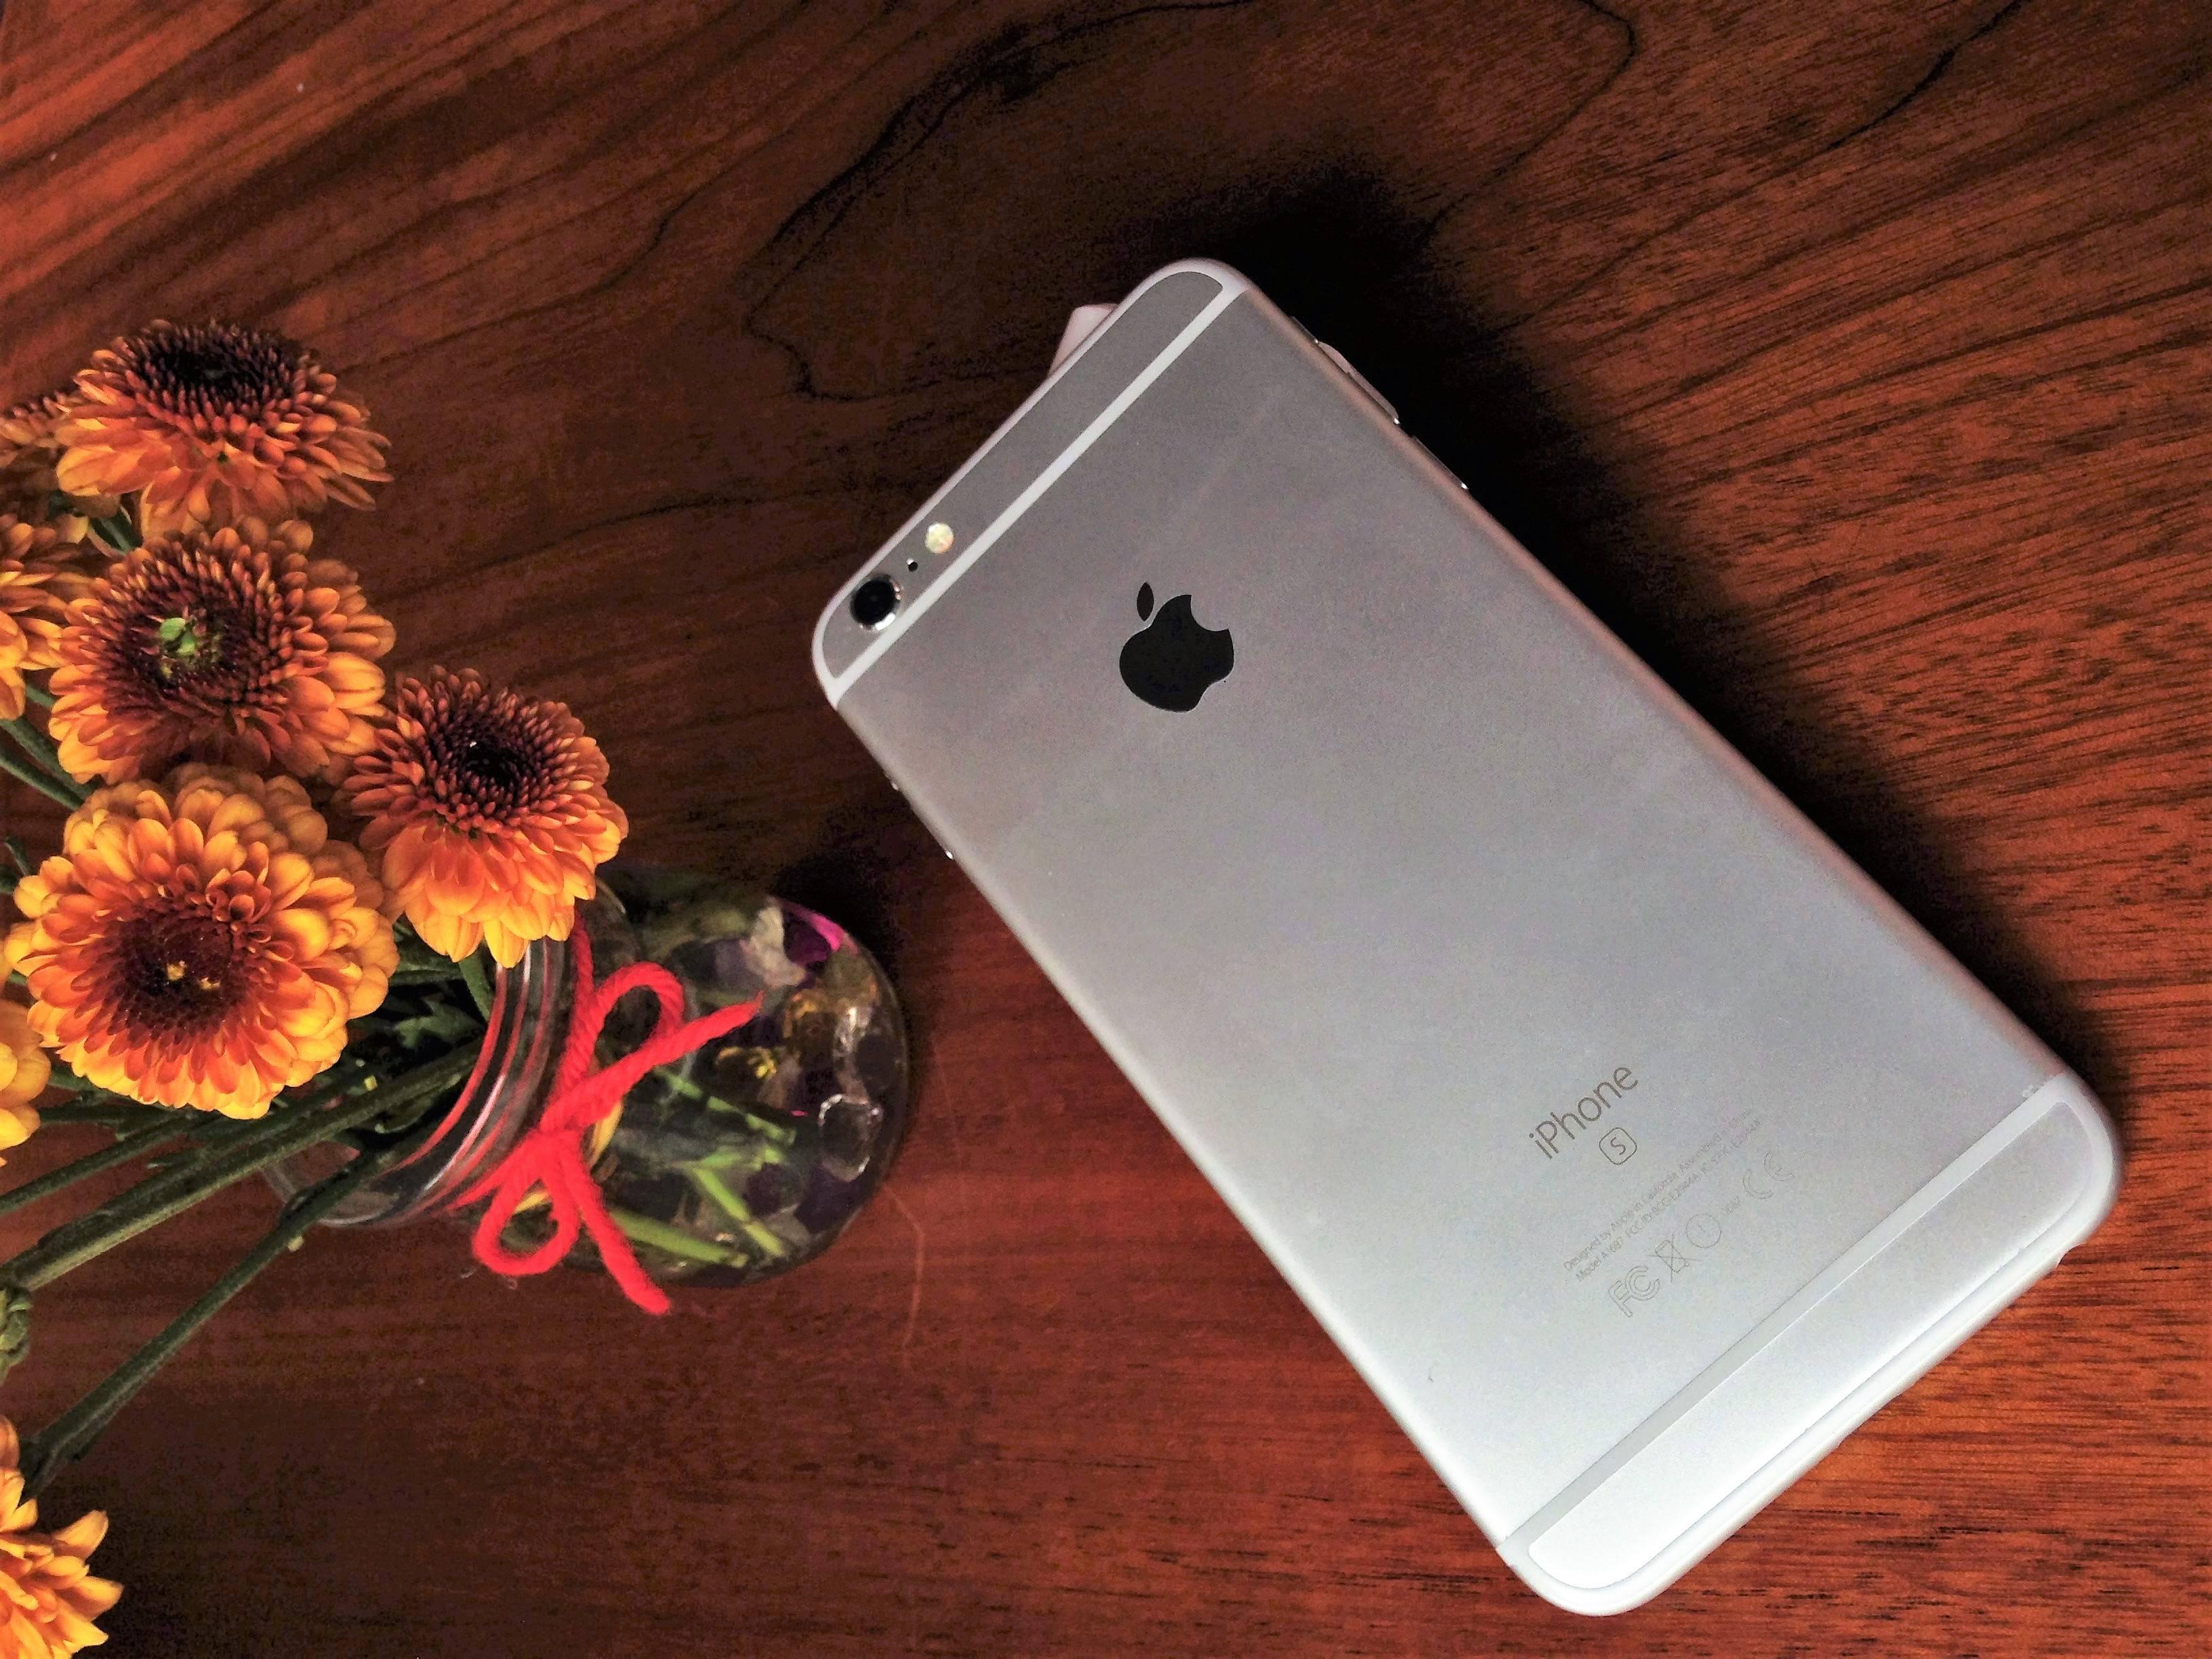 Đánh giá chi tiết iPhone 6s plus: Ông vua tốc độ